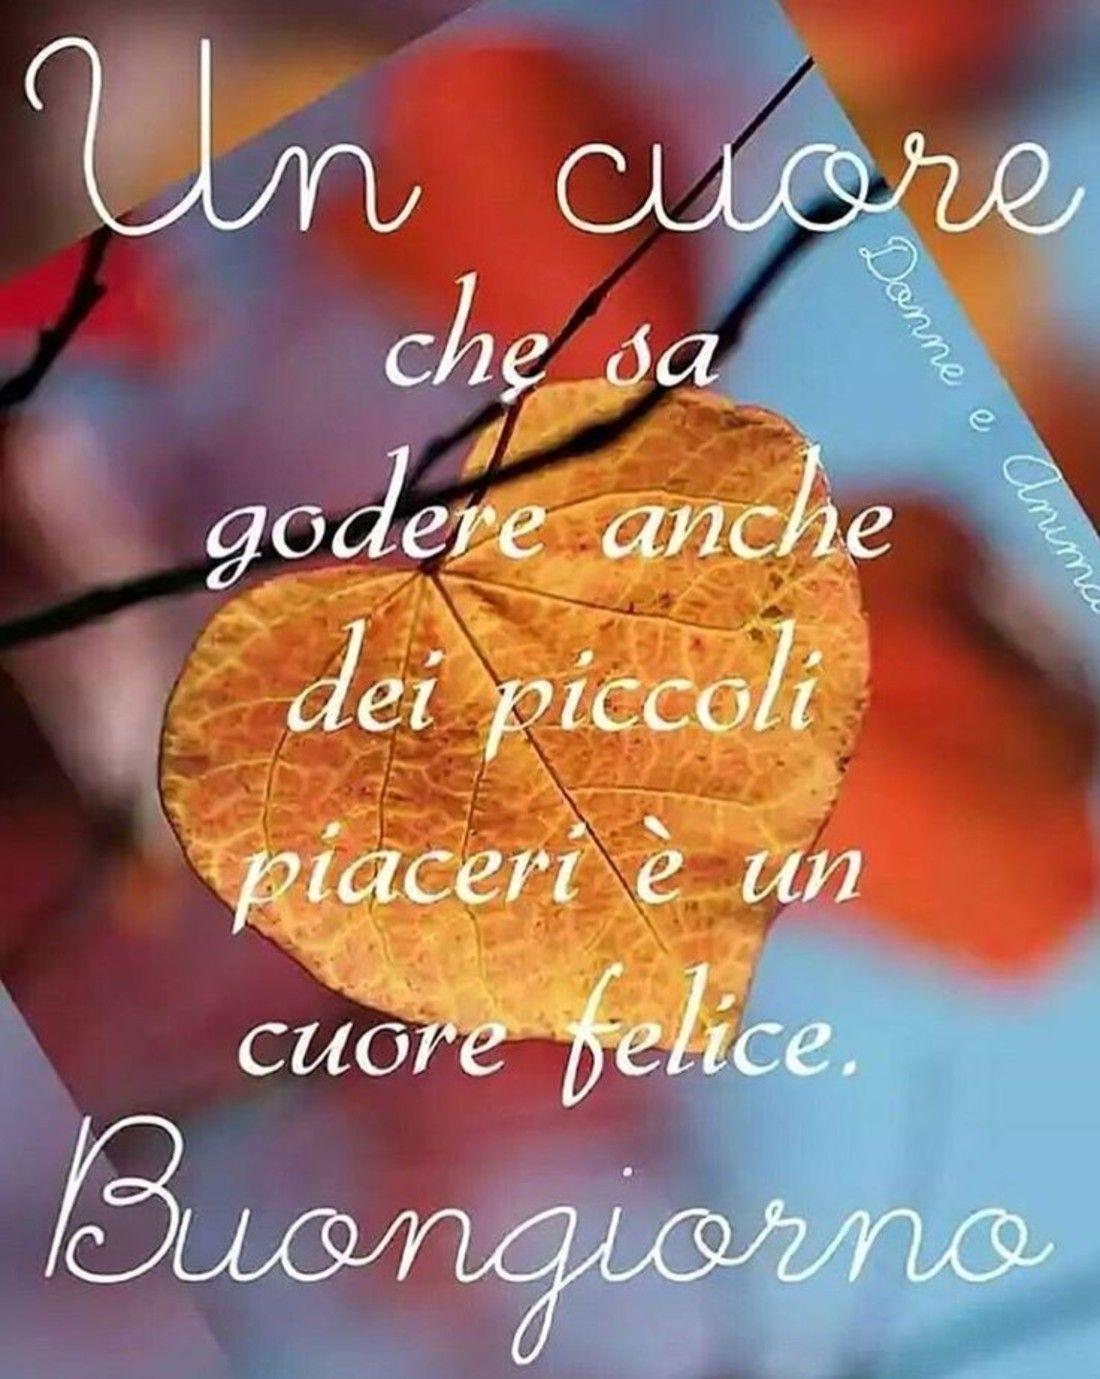 Immagini Buongiorno Da Condividere Su Facebook 22 Buongiorno